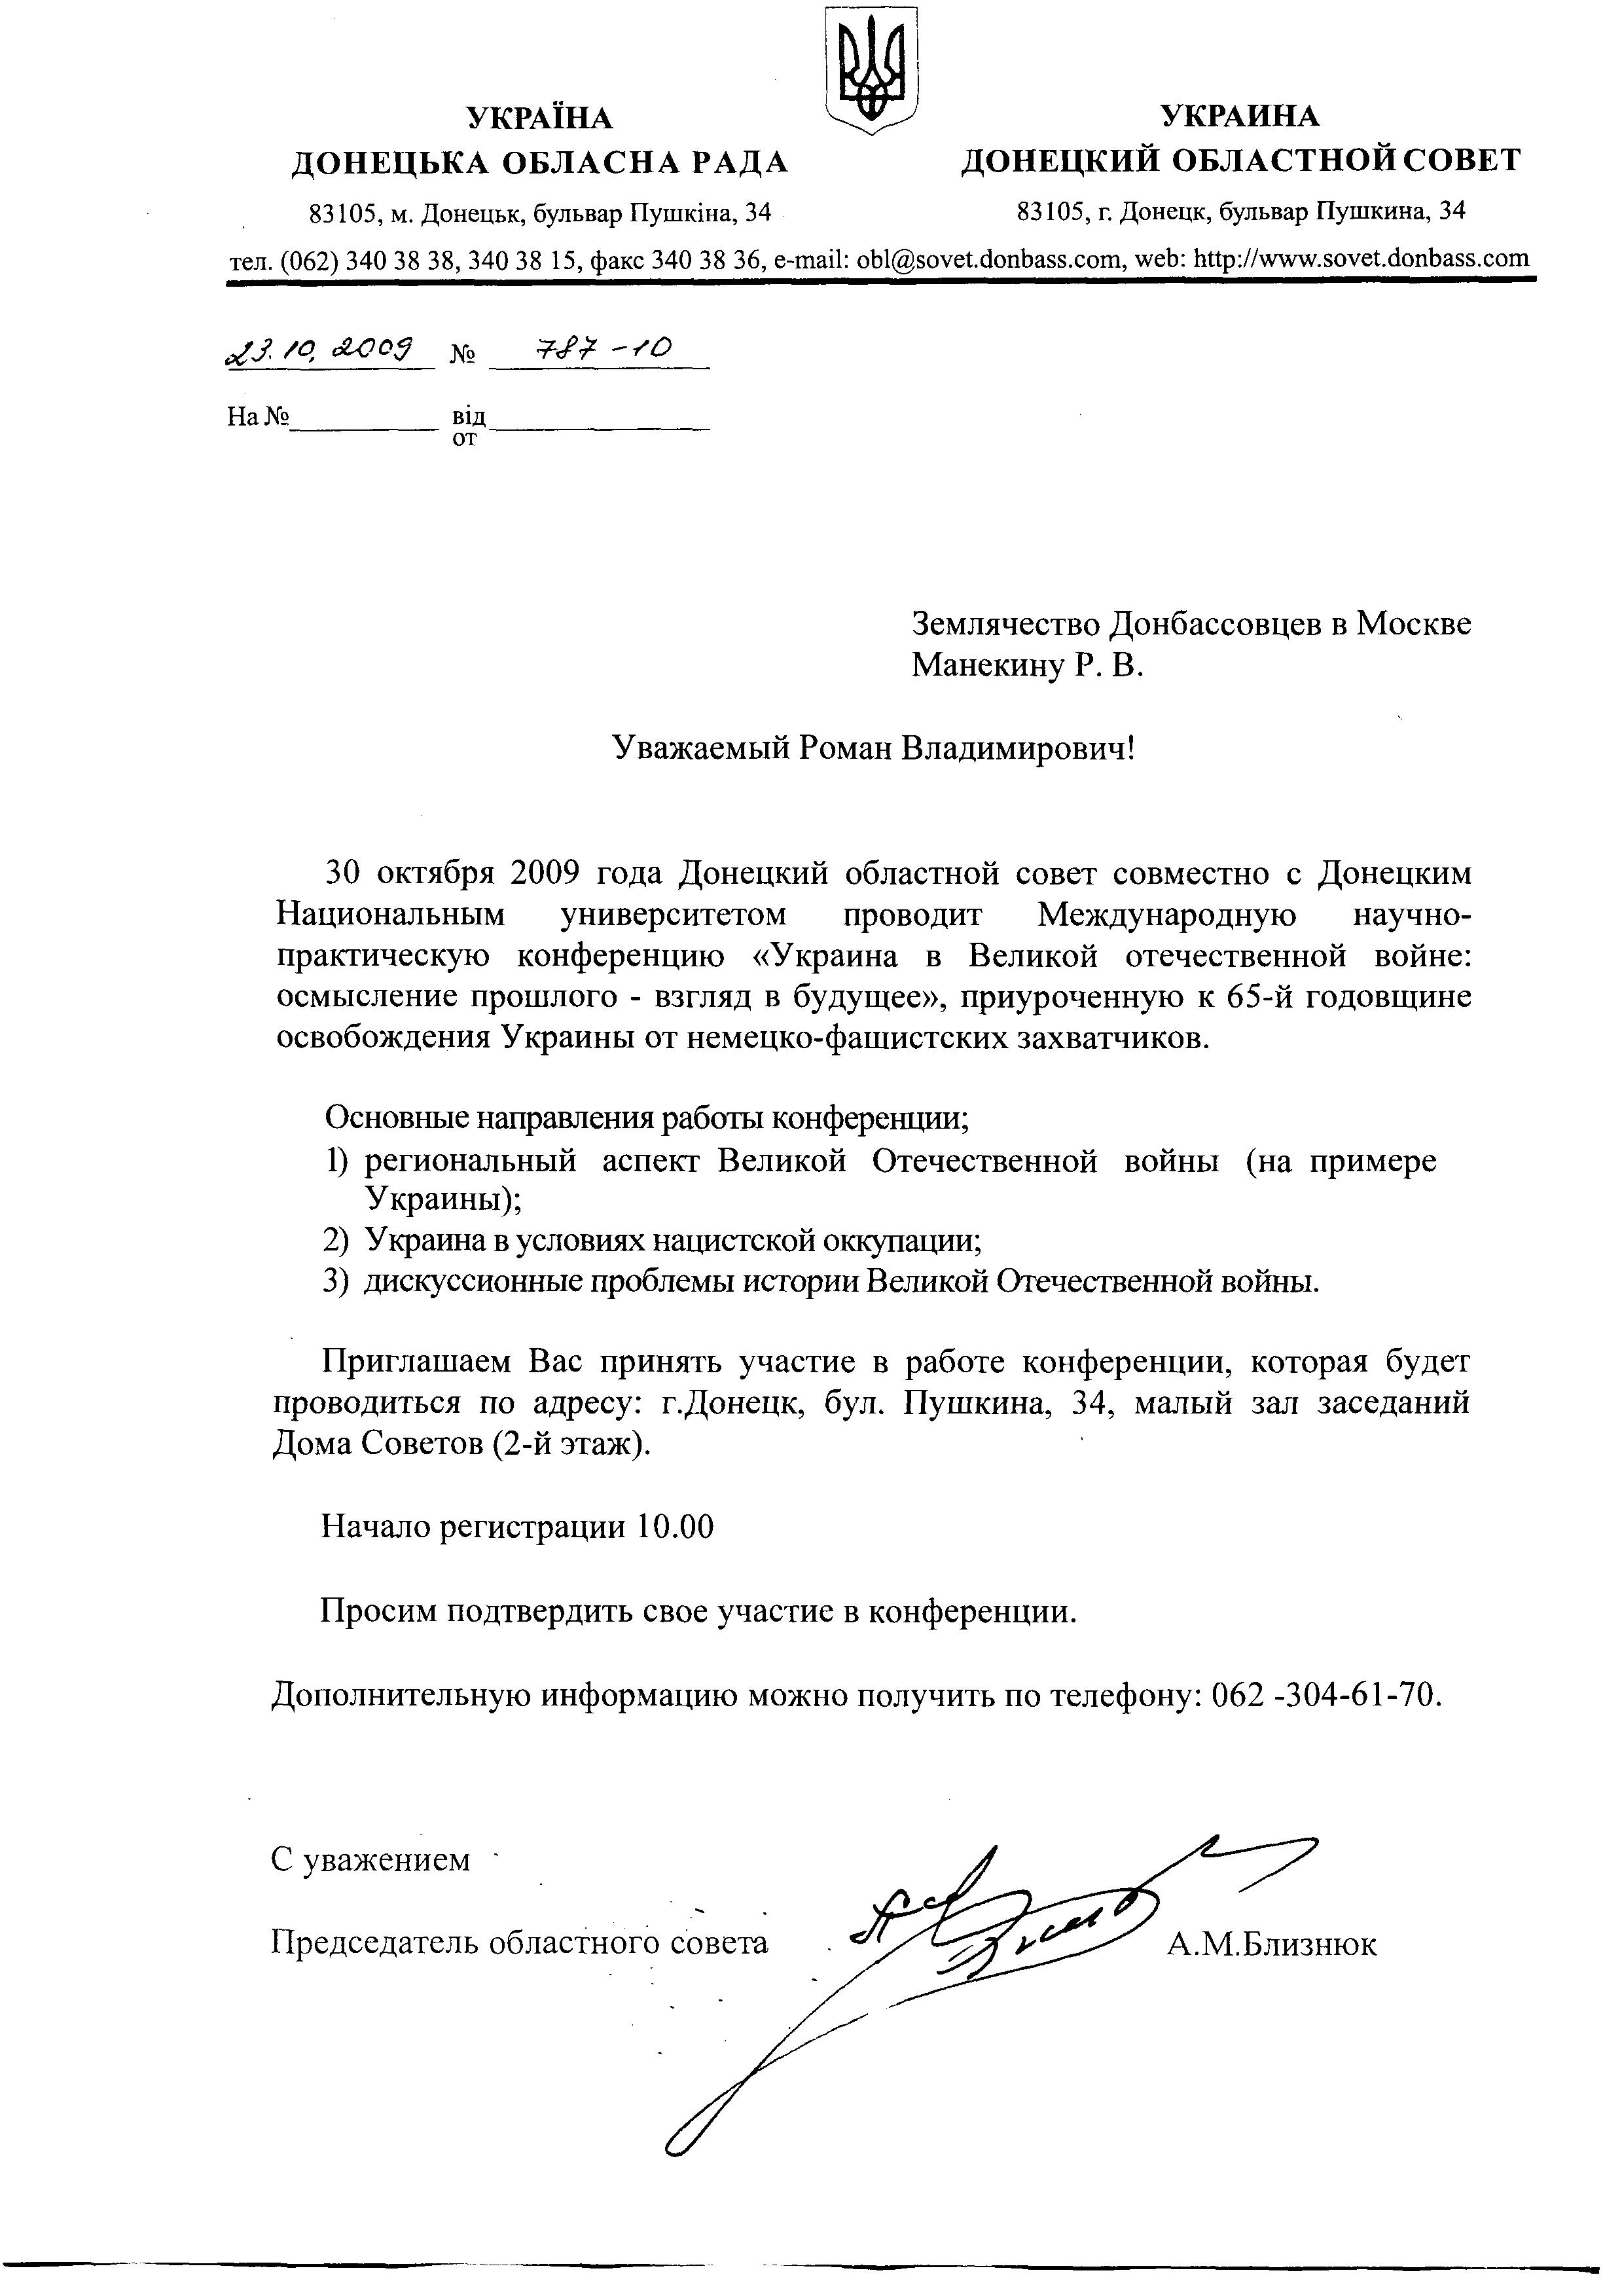 образец официального приглашения на переговоры